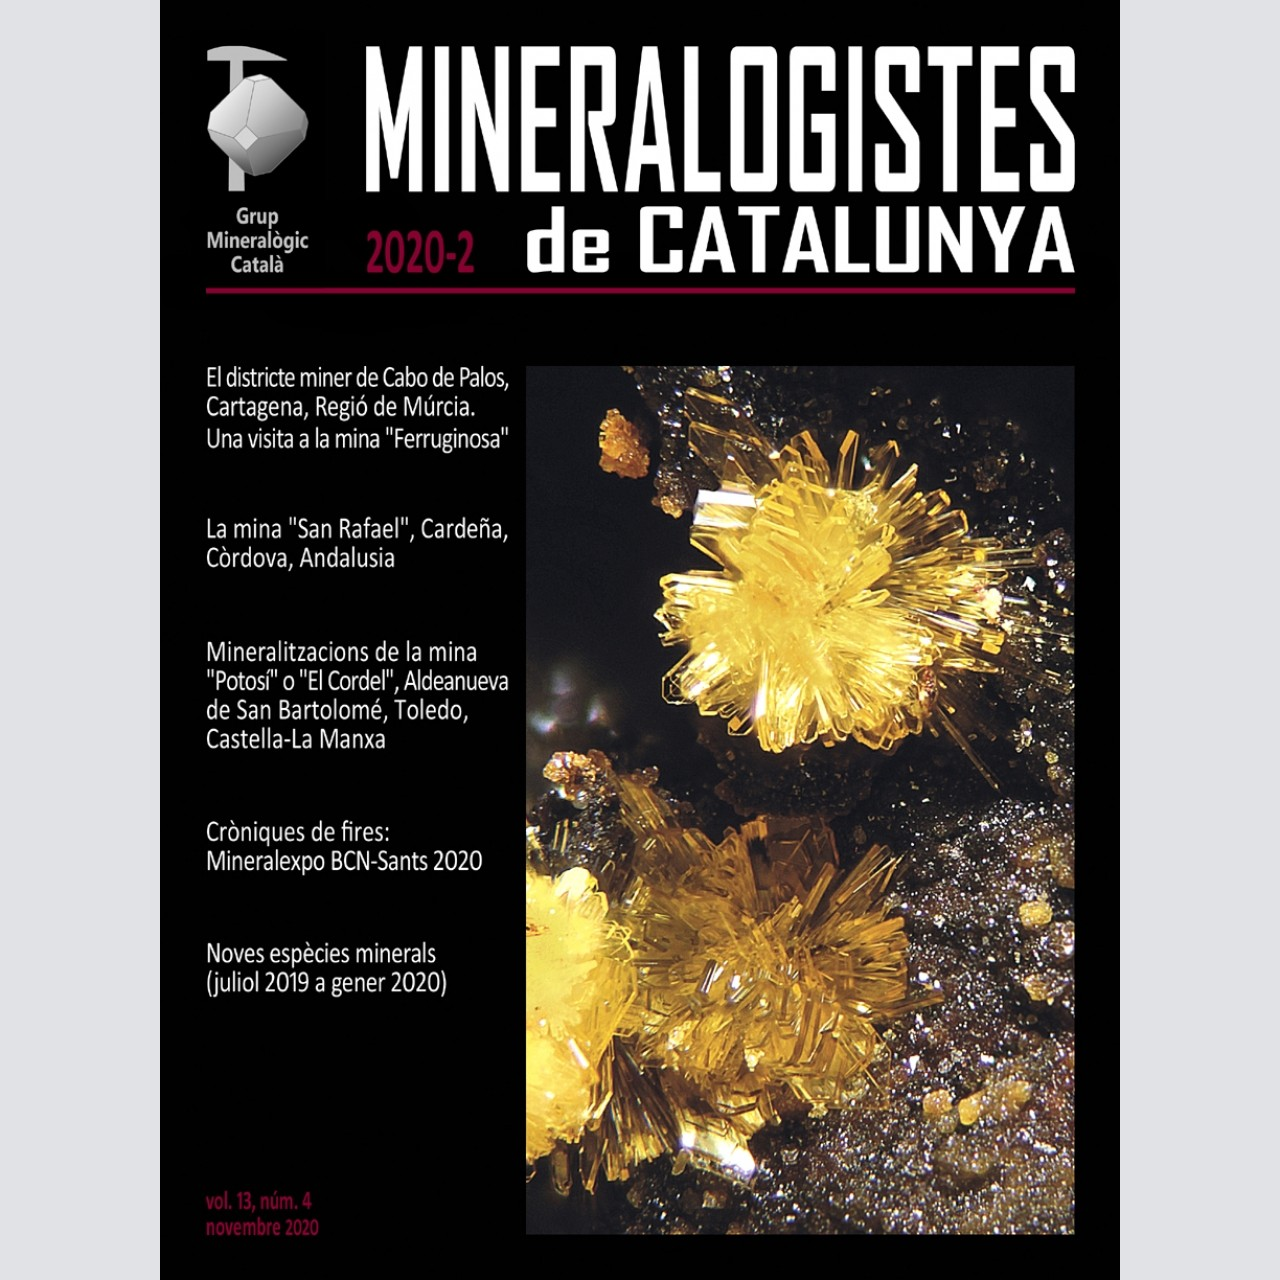 <em>Mineralogistes de Catalunya</em> (2020-2)